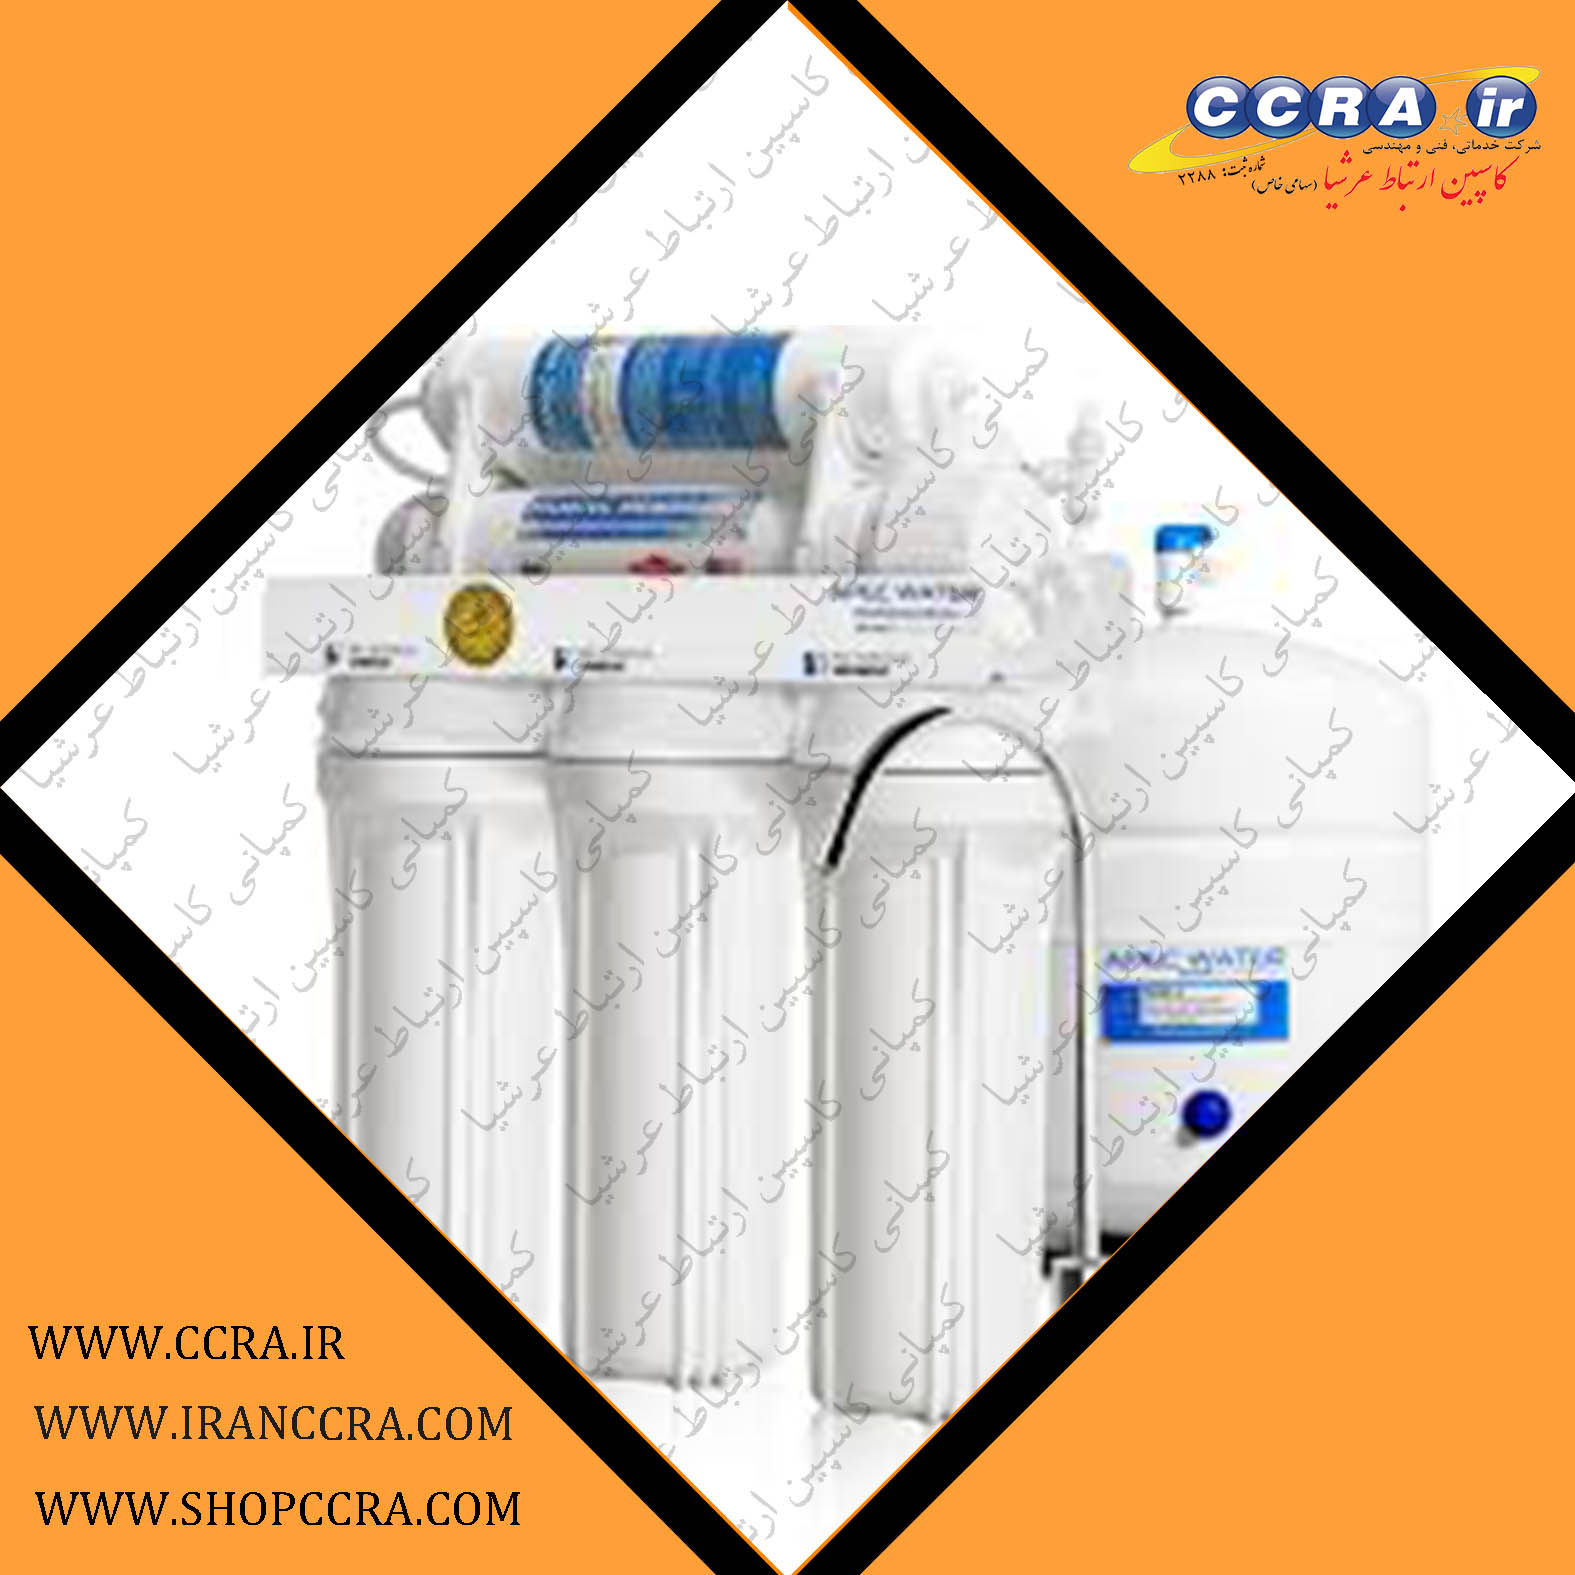 آب با ورود به دستگاه تصفیه آب خانگی آکوا کلیین چه آلاینده هایی را از دست می دهد؟